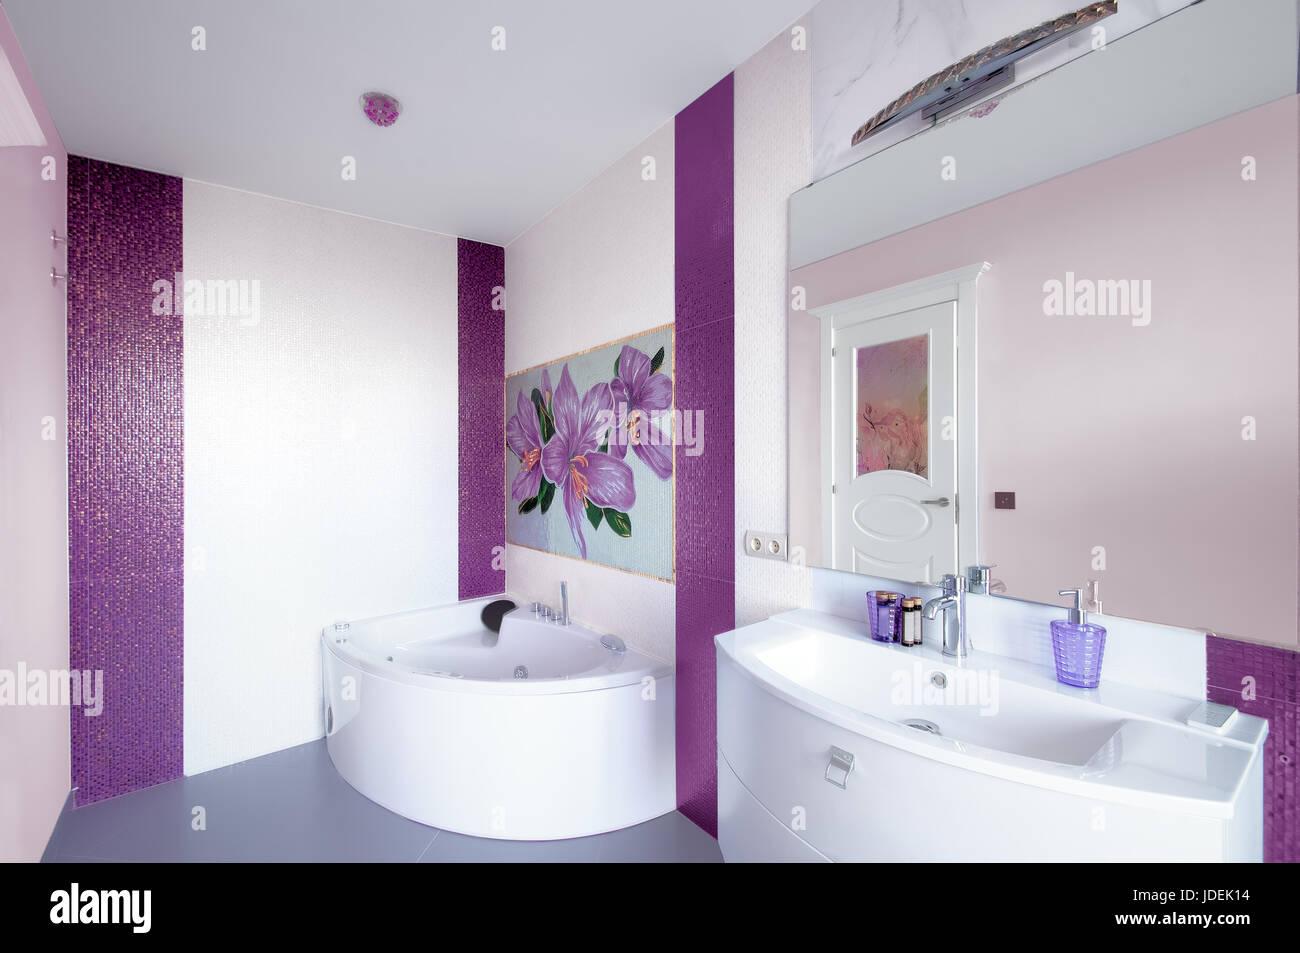 Piastrelle Bagno Mosaico Viola moderno bagno interno con un pannello a mosaico. vasca da